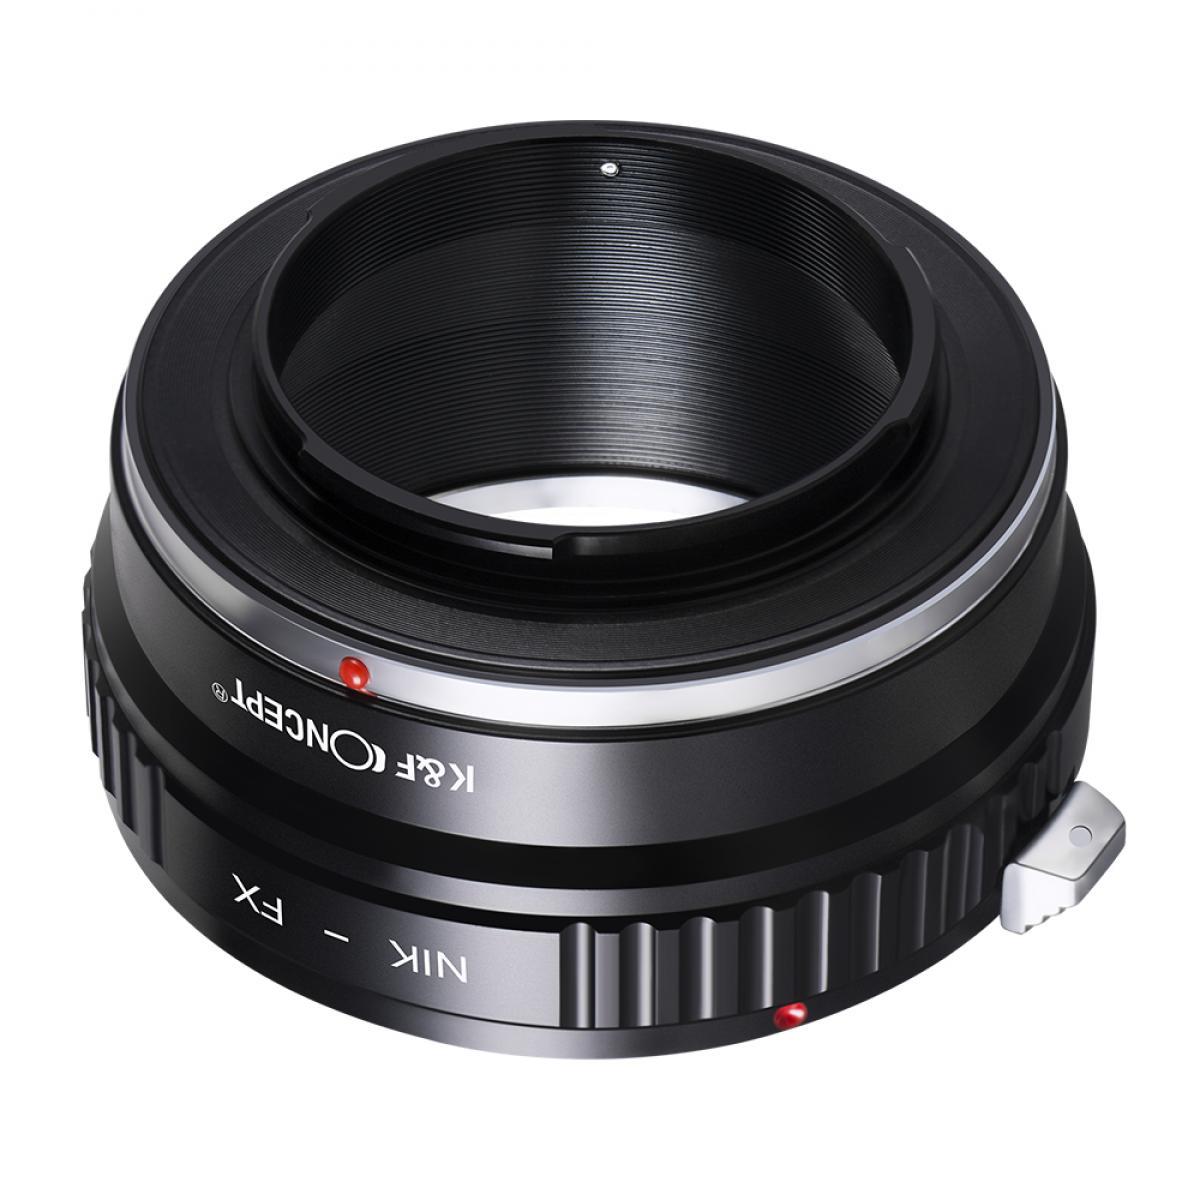 Adattatore per Obiettivi Nikon F a Fotocamere Fuji X